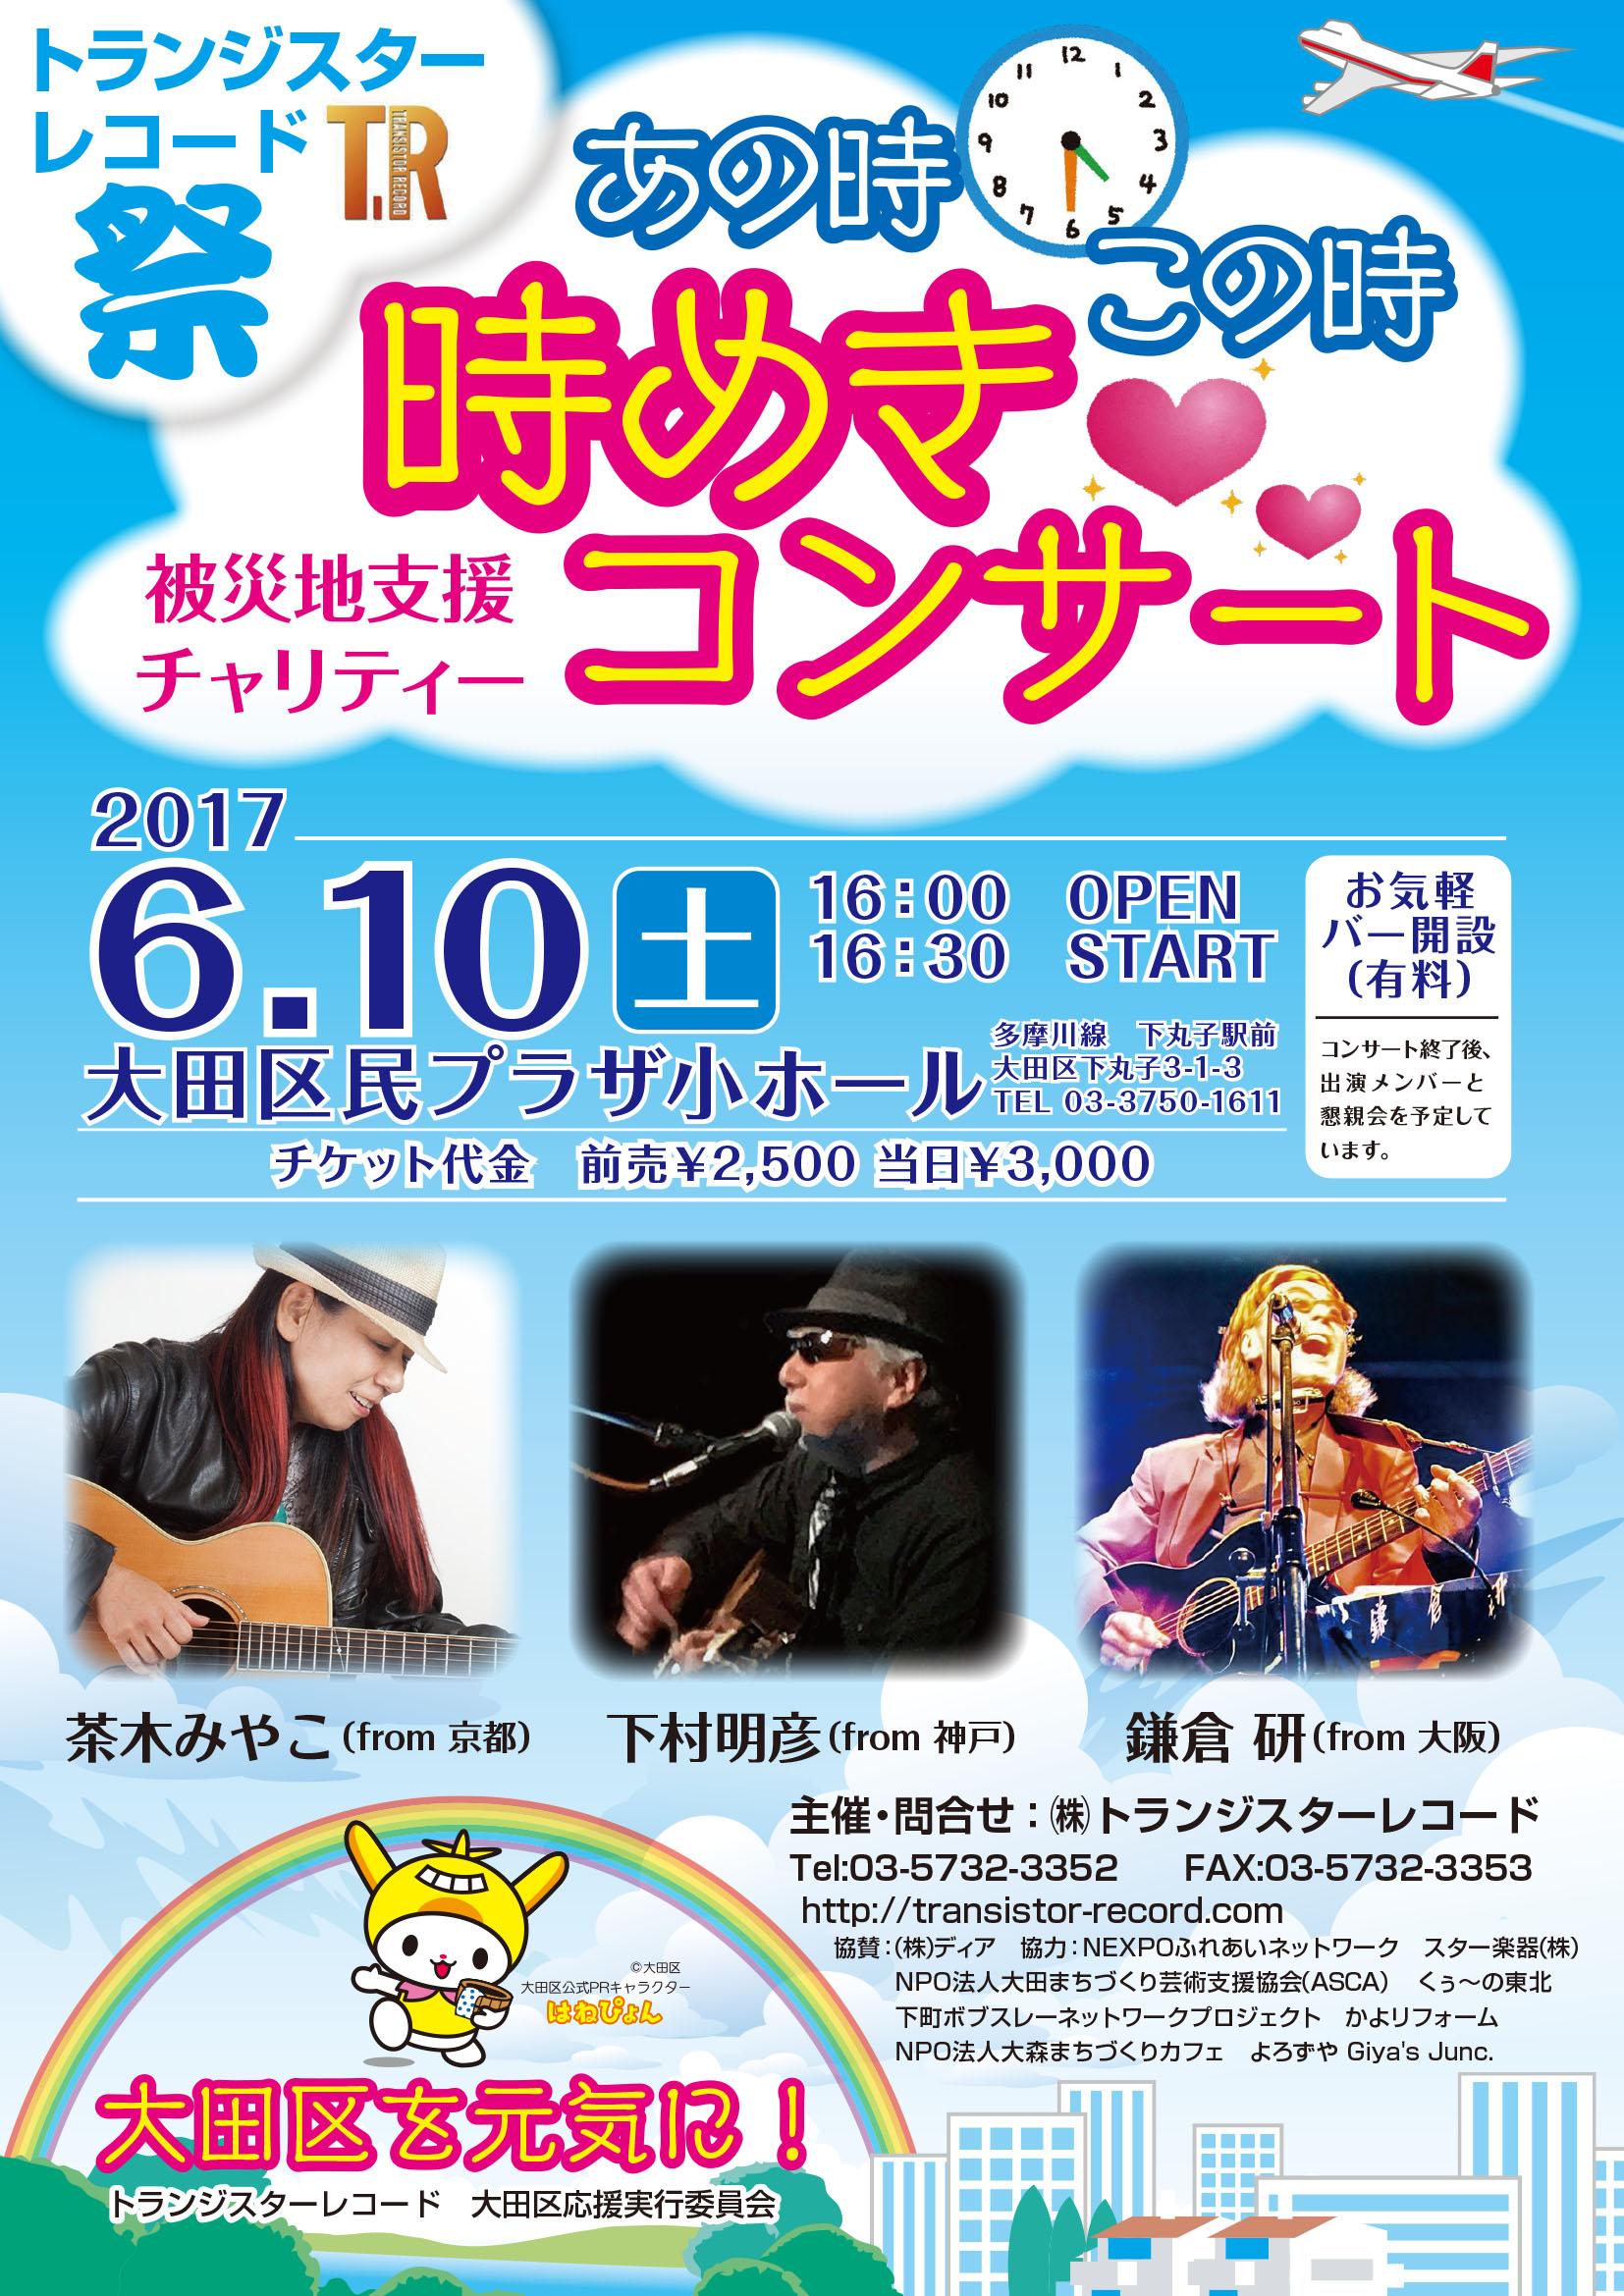 2017-6-10-時めきコンサート-おもて面